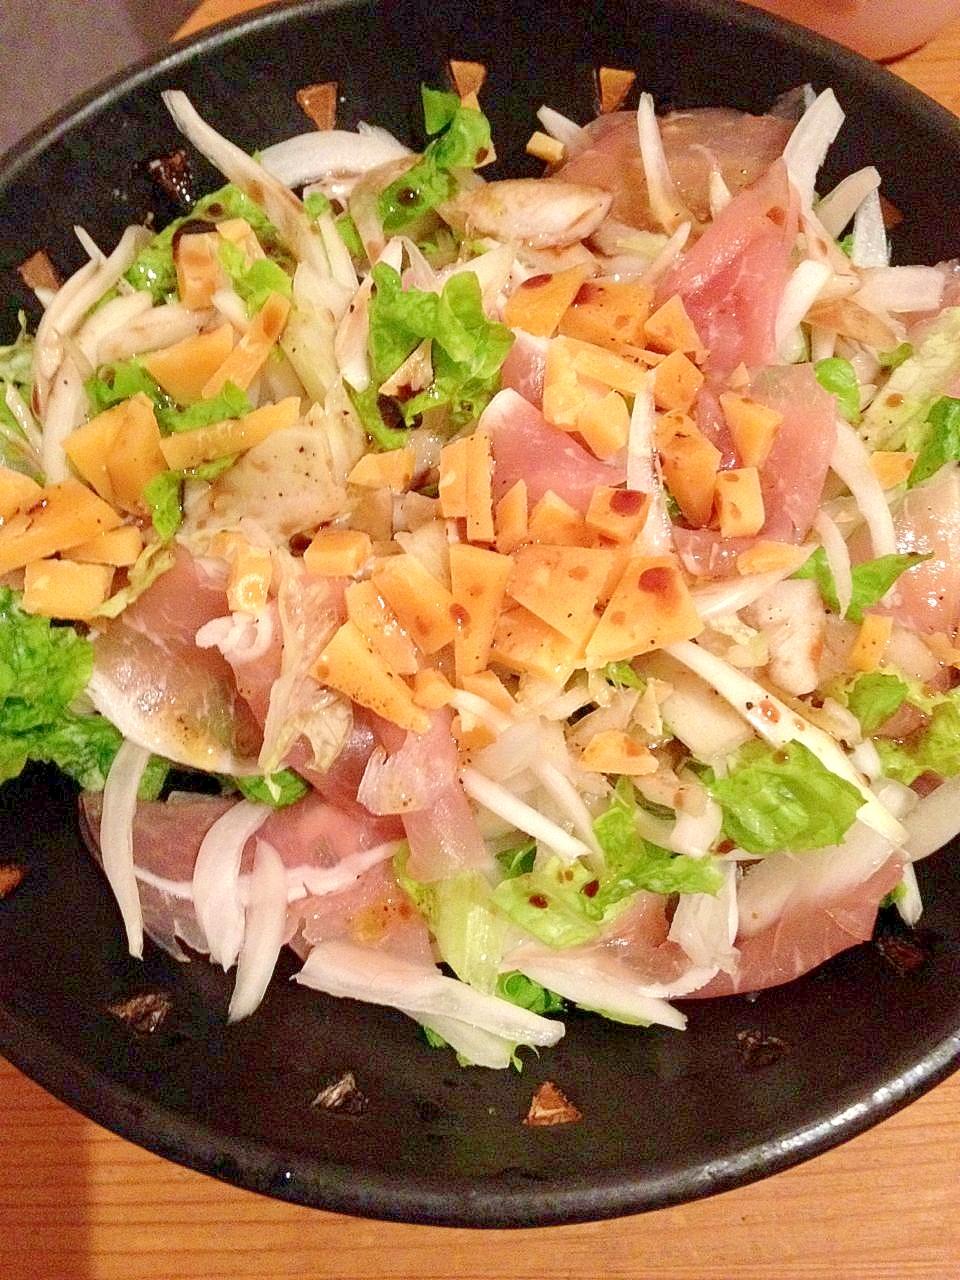 新玉葱と生ハムのサラダ